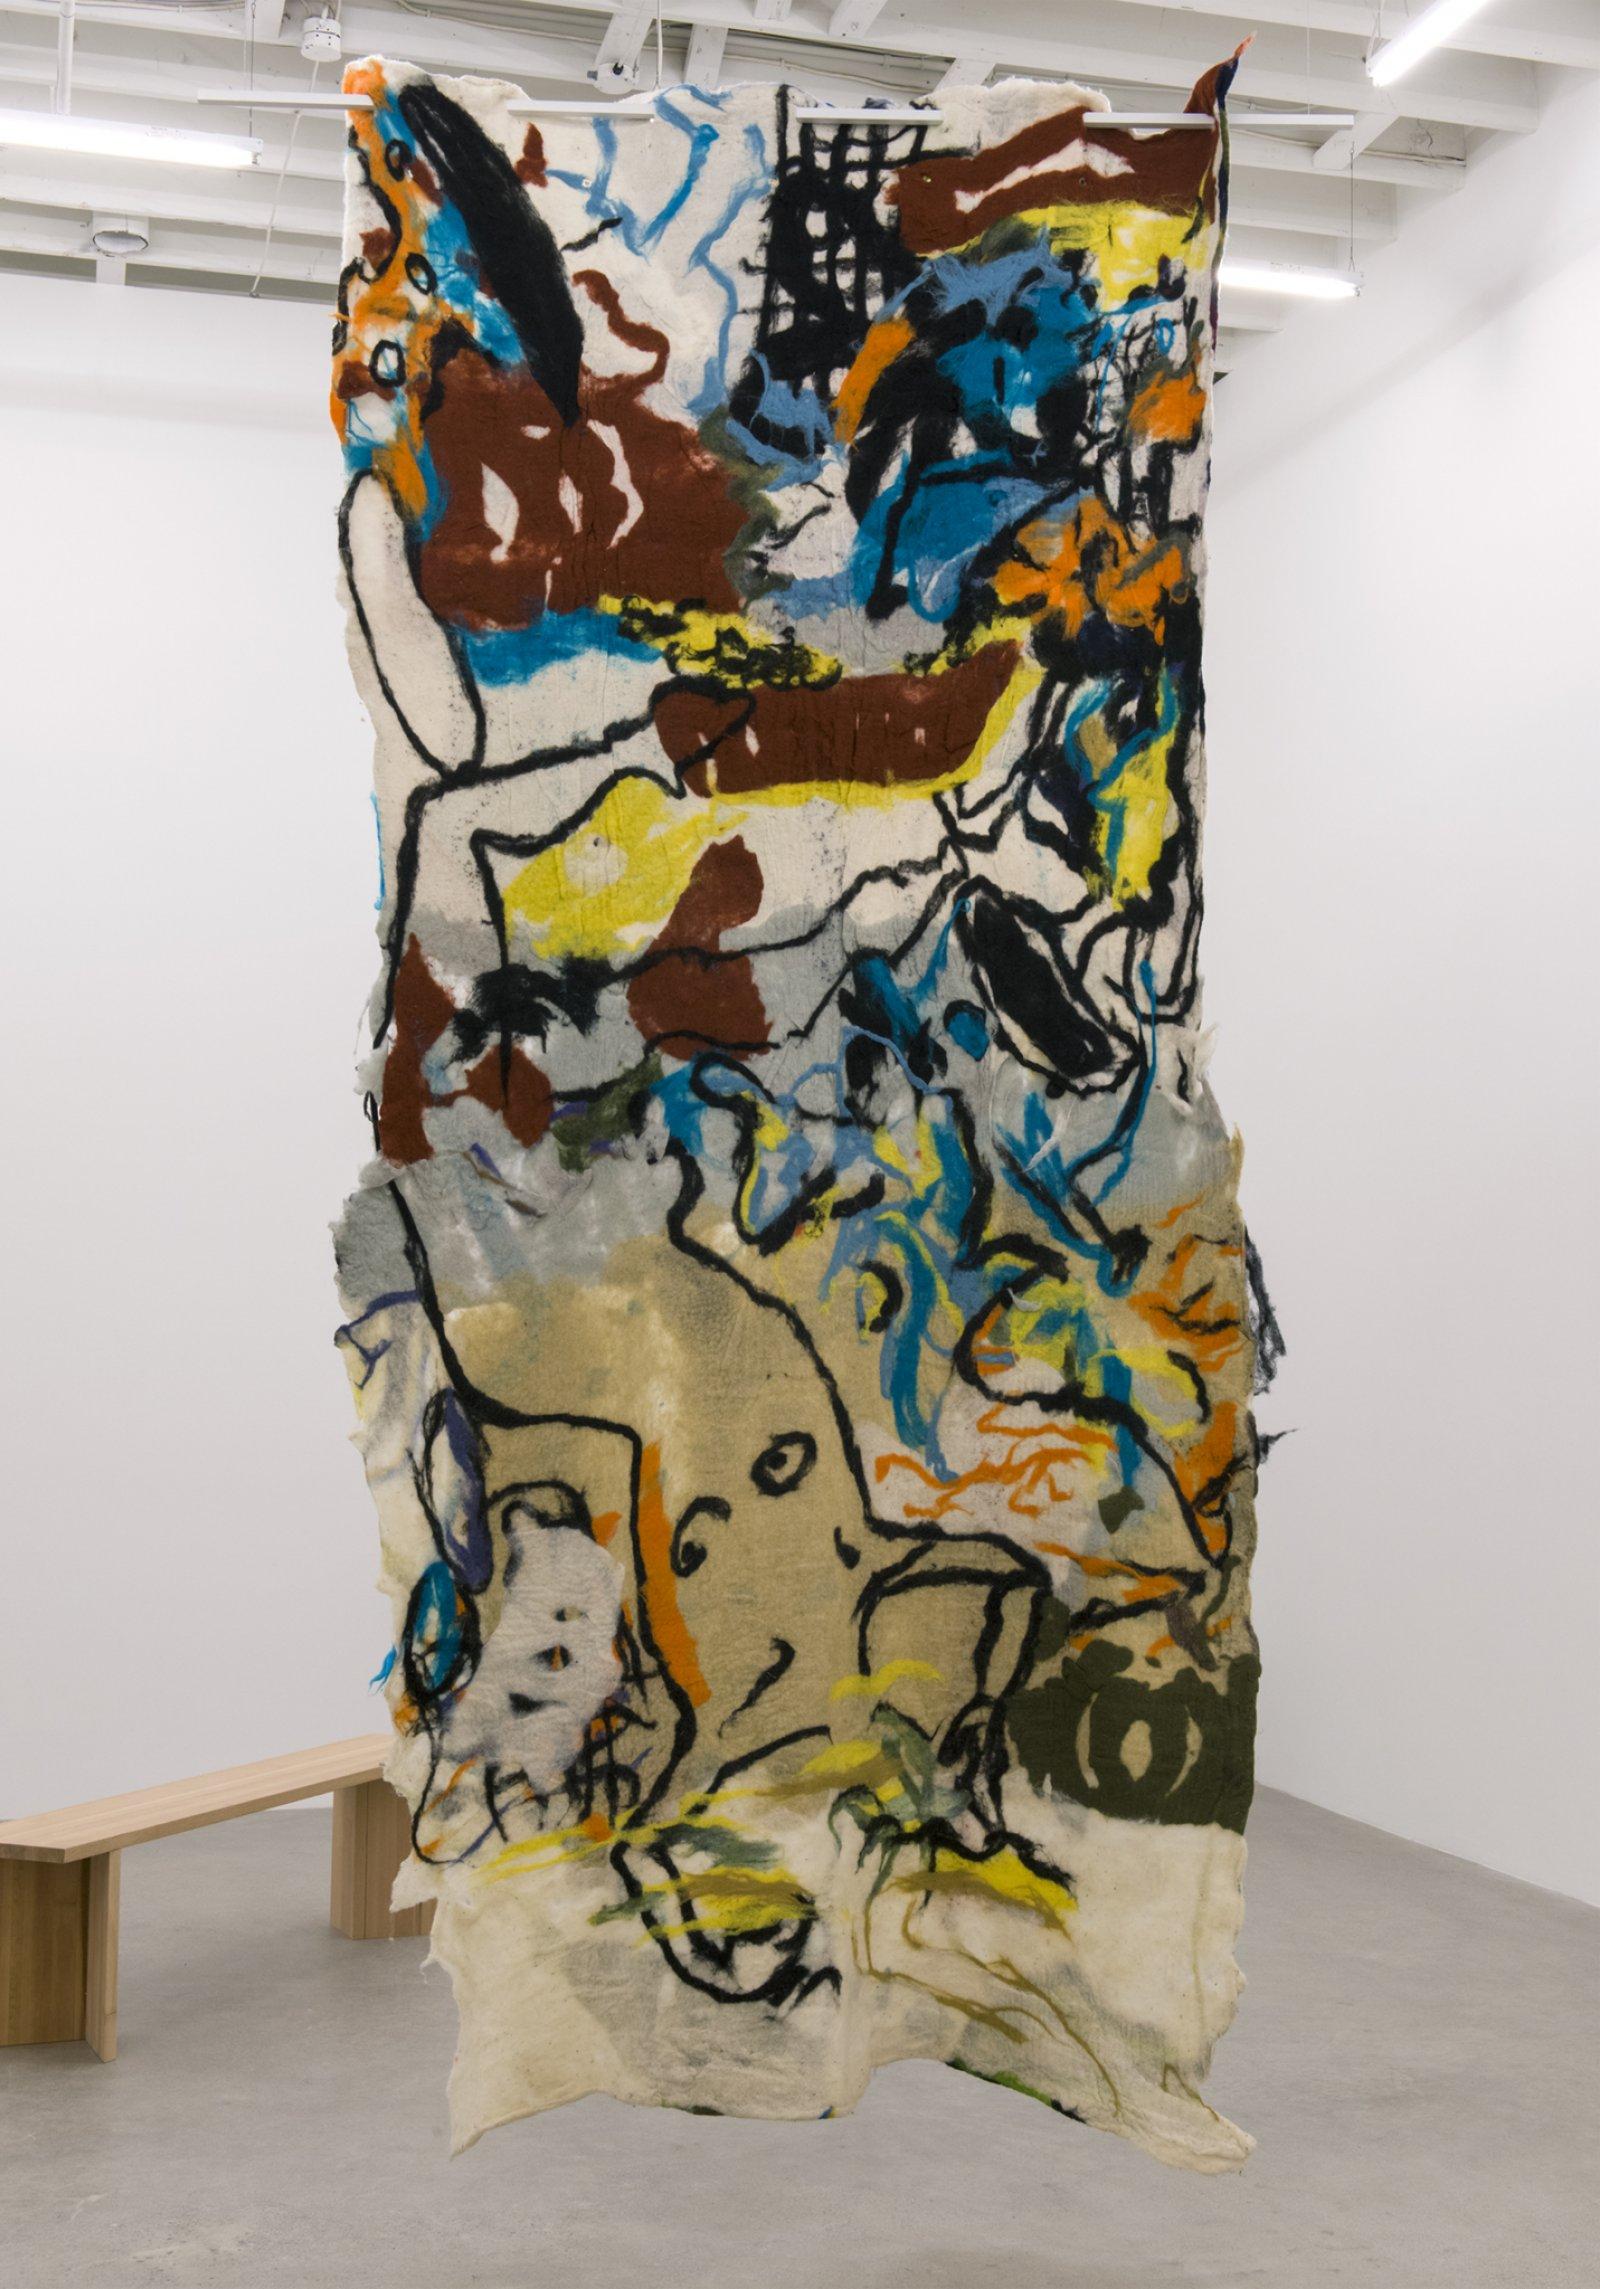 Rebecca Brewer, Bilitis, 2016, wool felt, painted aluminum, 132 x 63 in. (335 x 160 cm) by Rebecca Brewer